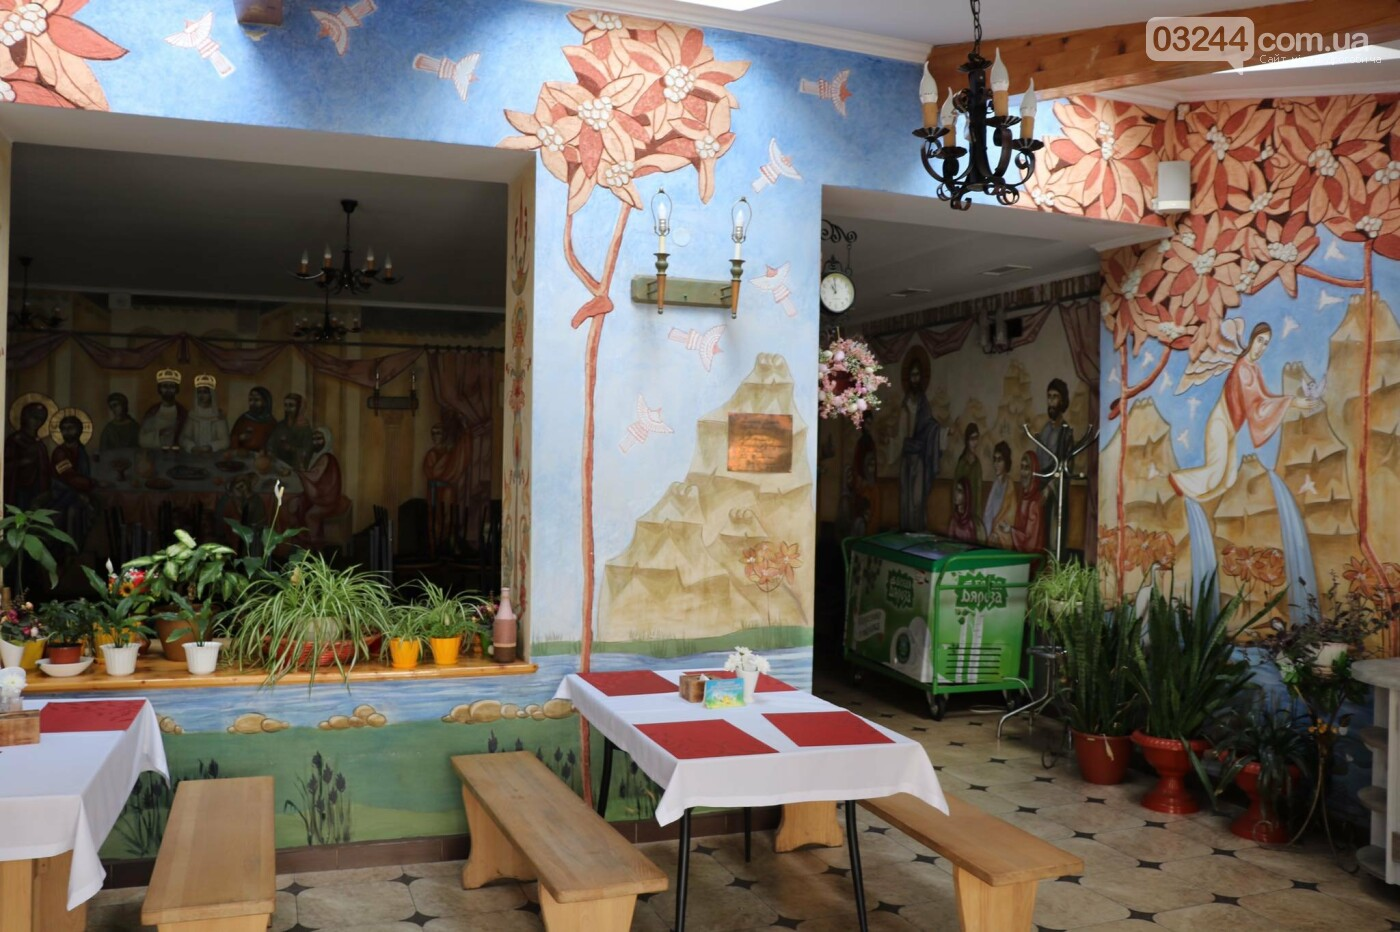 """Допомагають потребуючим: соціальне кафе """"Витанія"""" скеровує частину зароблених коштів на обіди для нужденних, фото-4"""